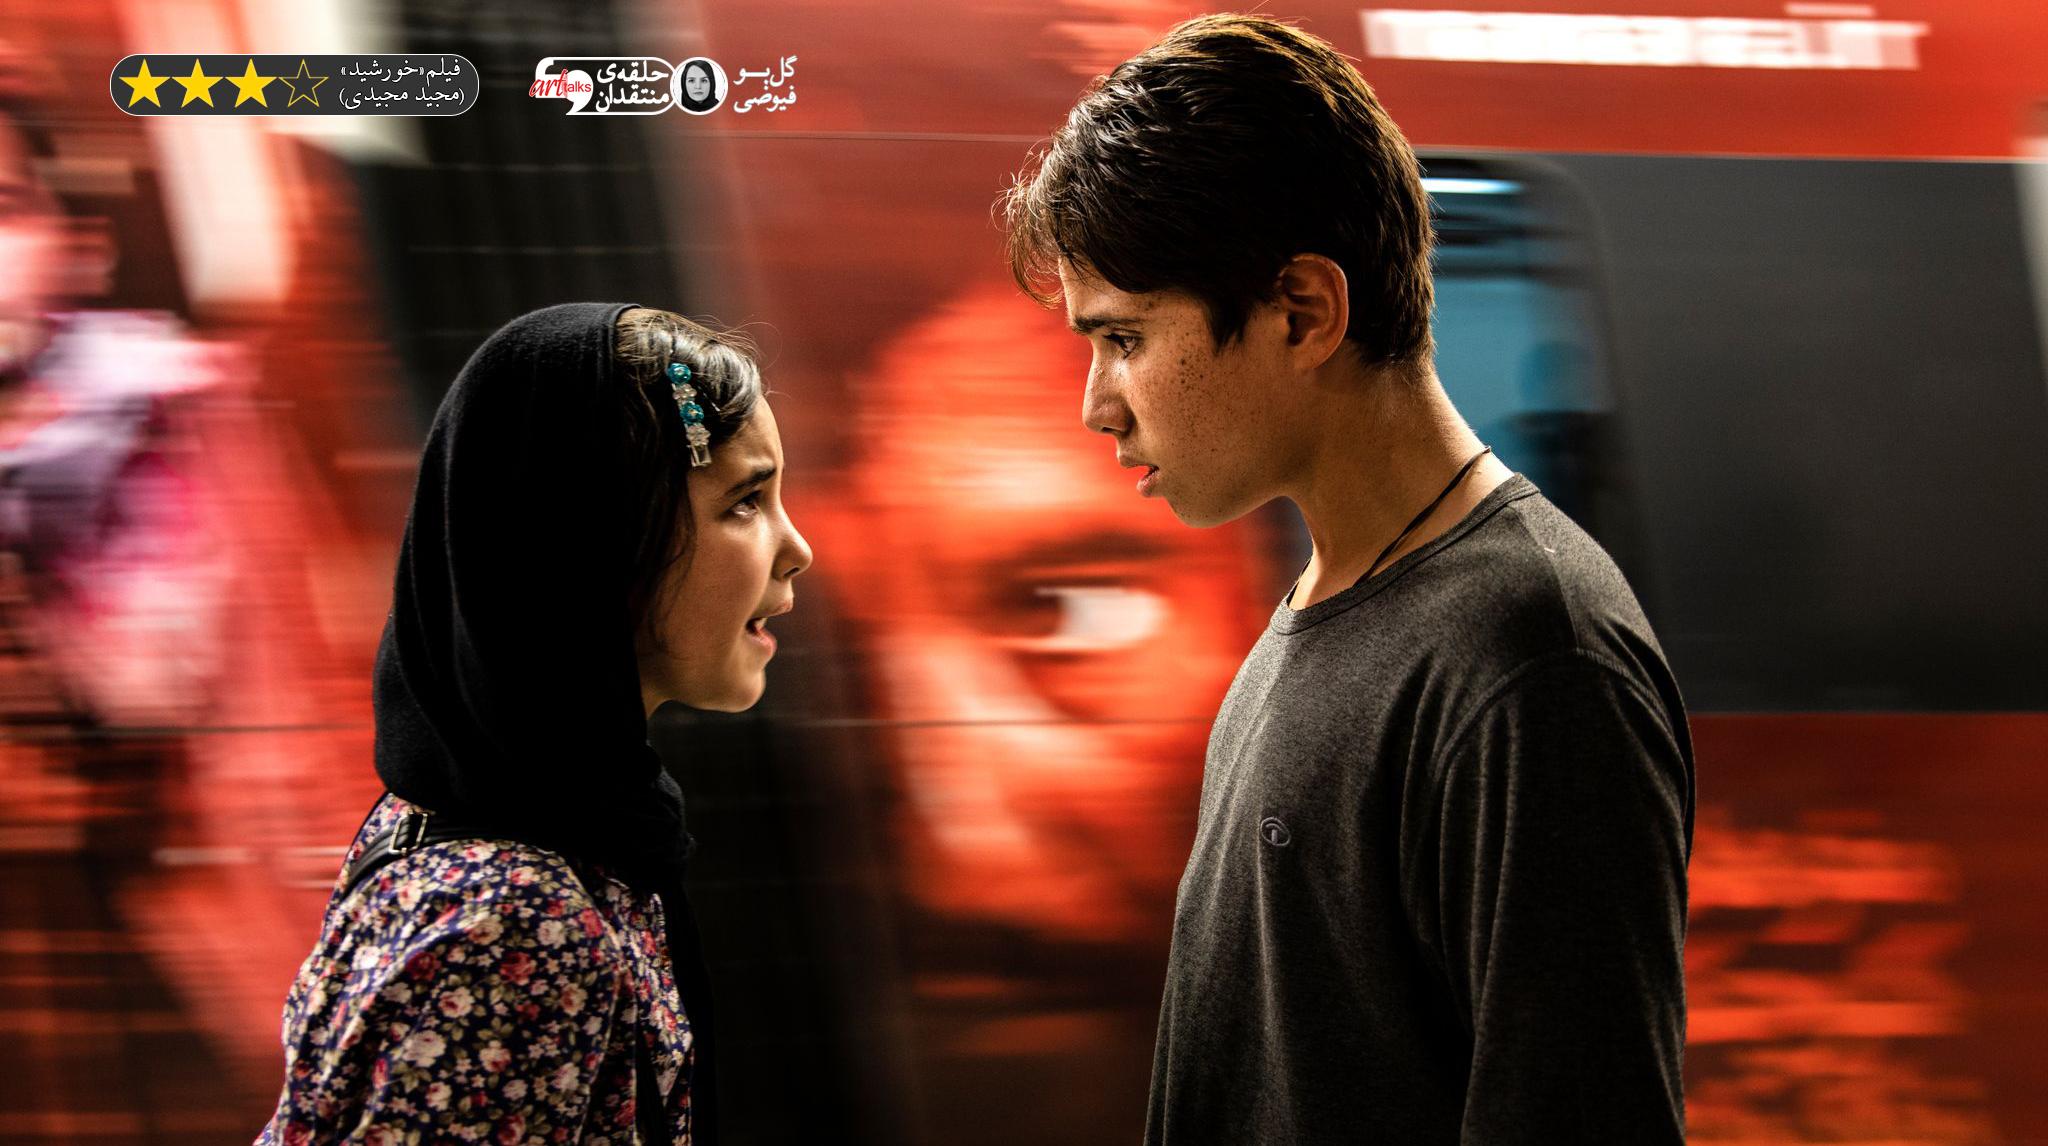 نقد فیلم خورشید مجید مجیدی